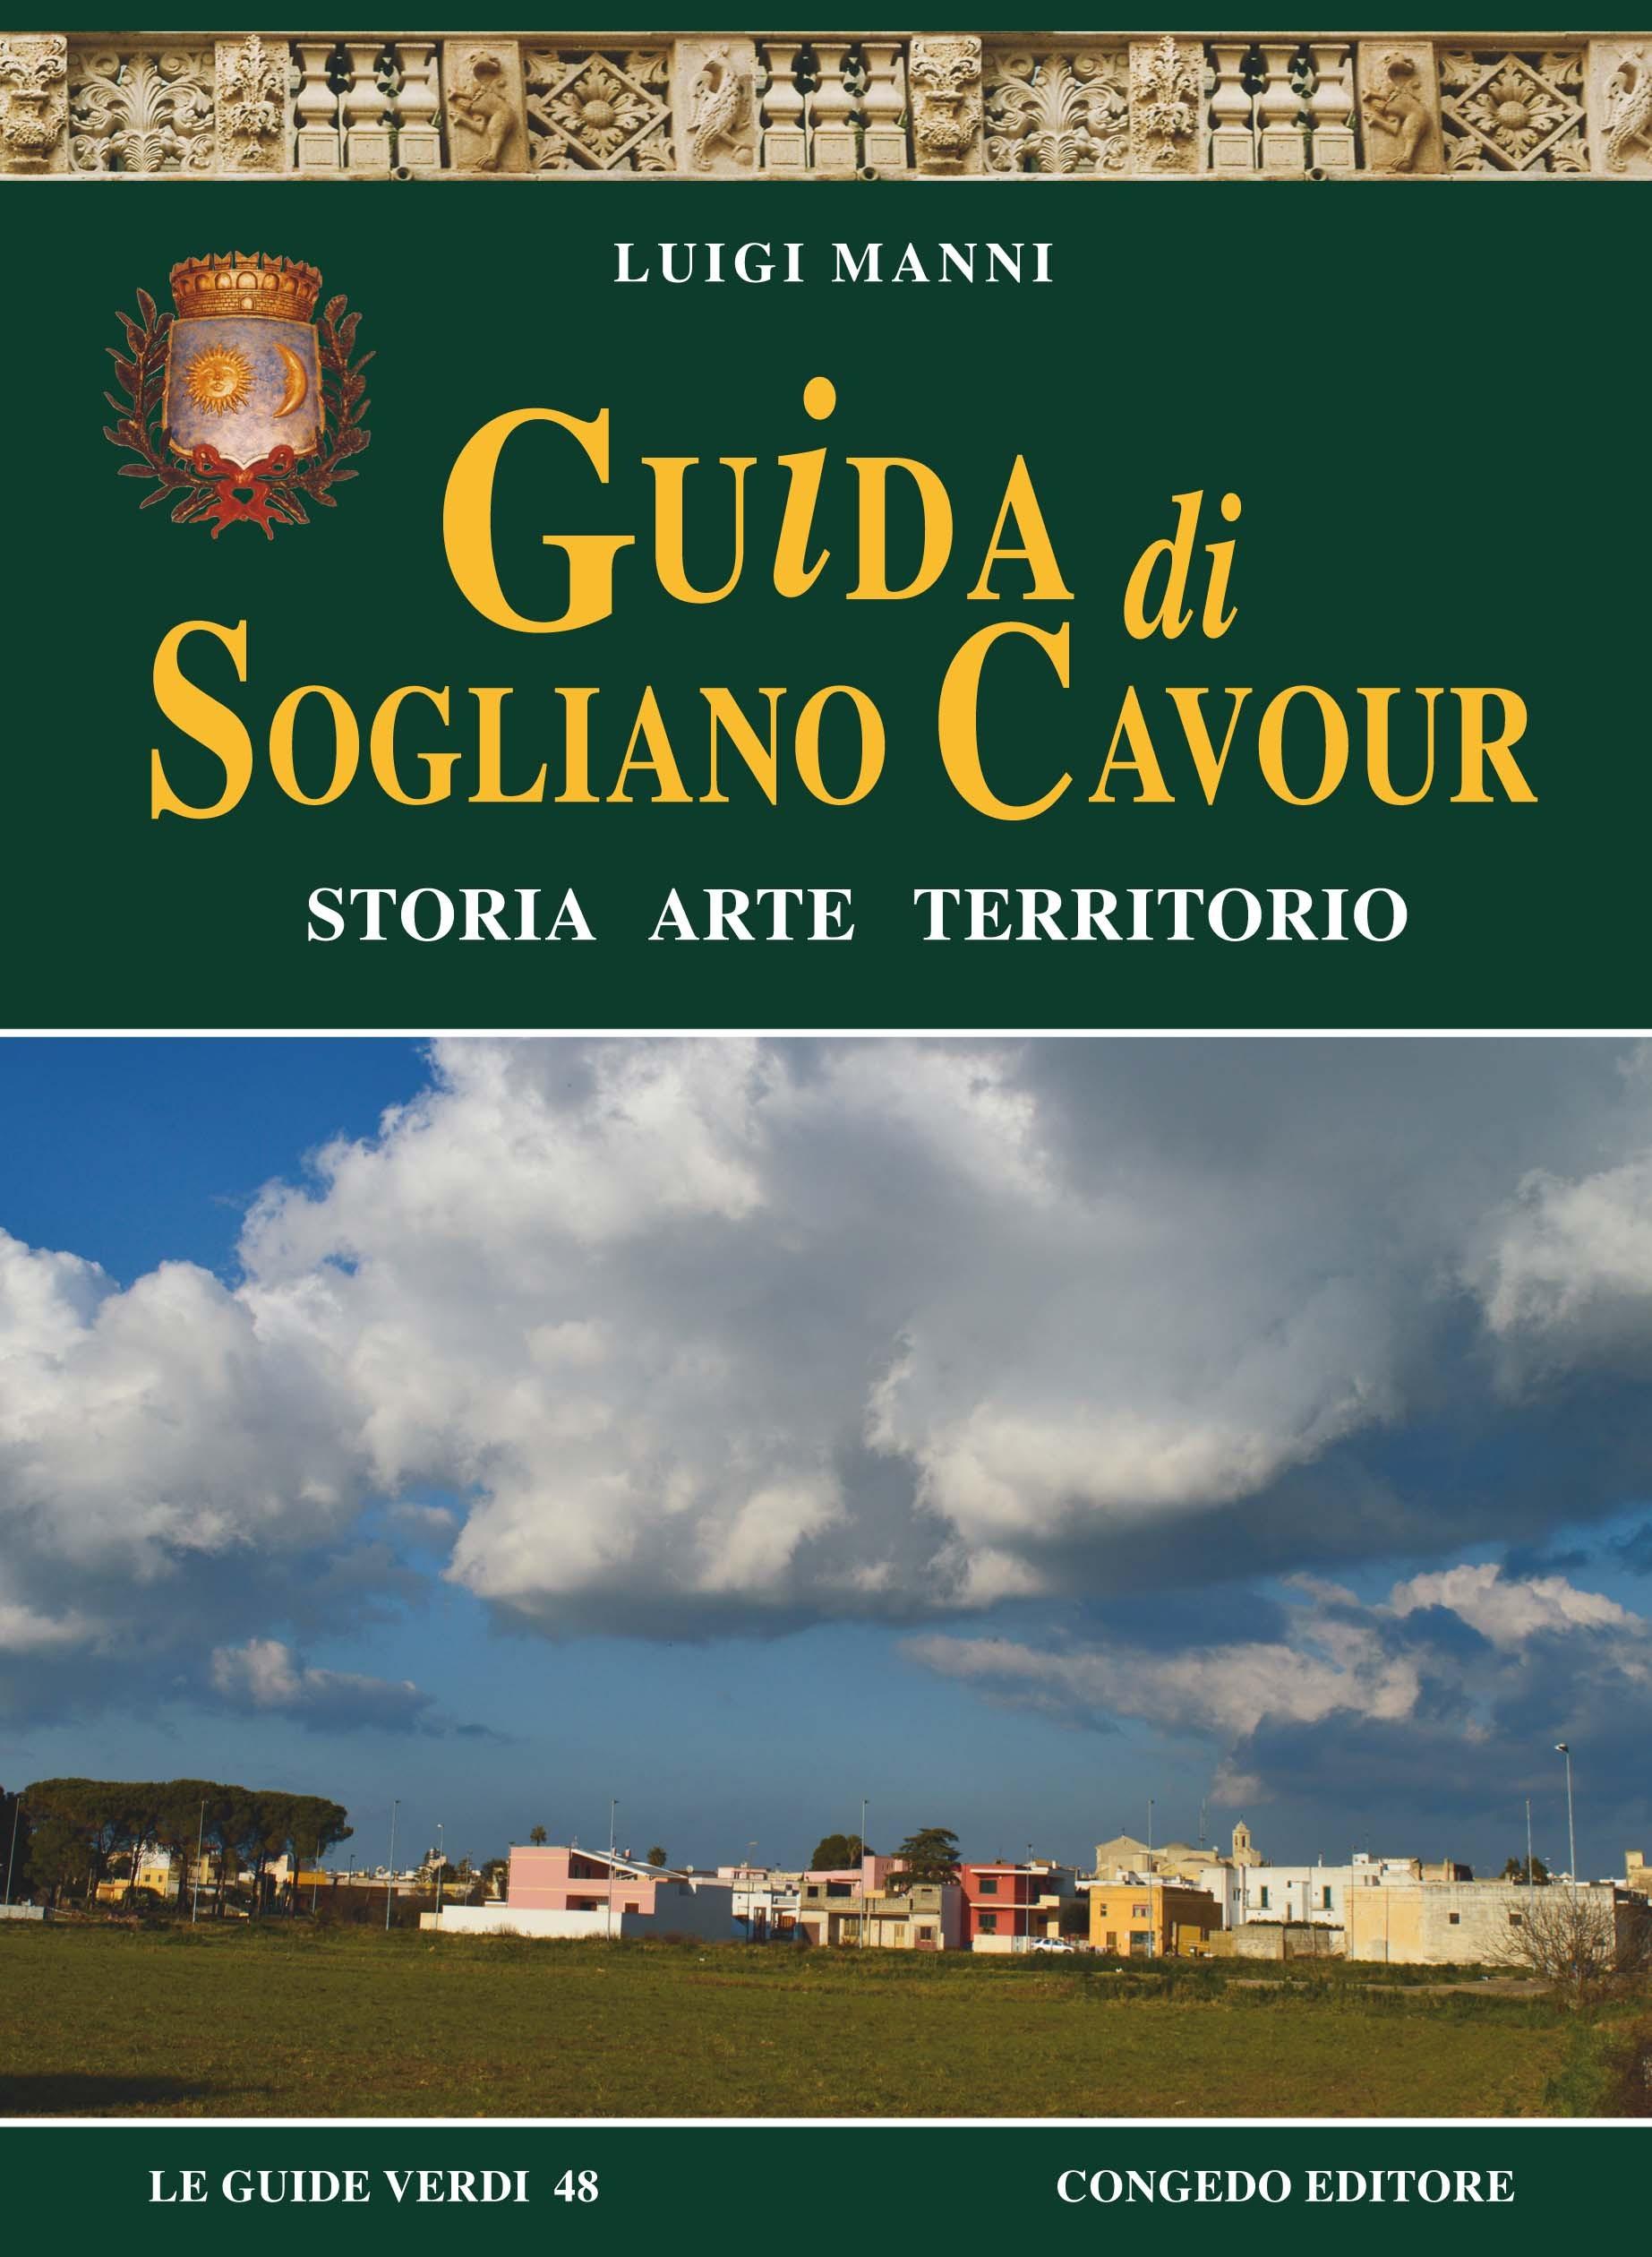 Guida di Sogliano Cavour. Storia Arte Territorio